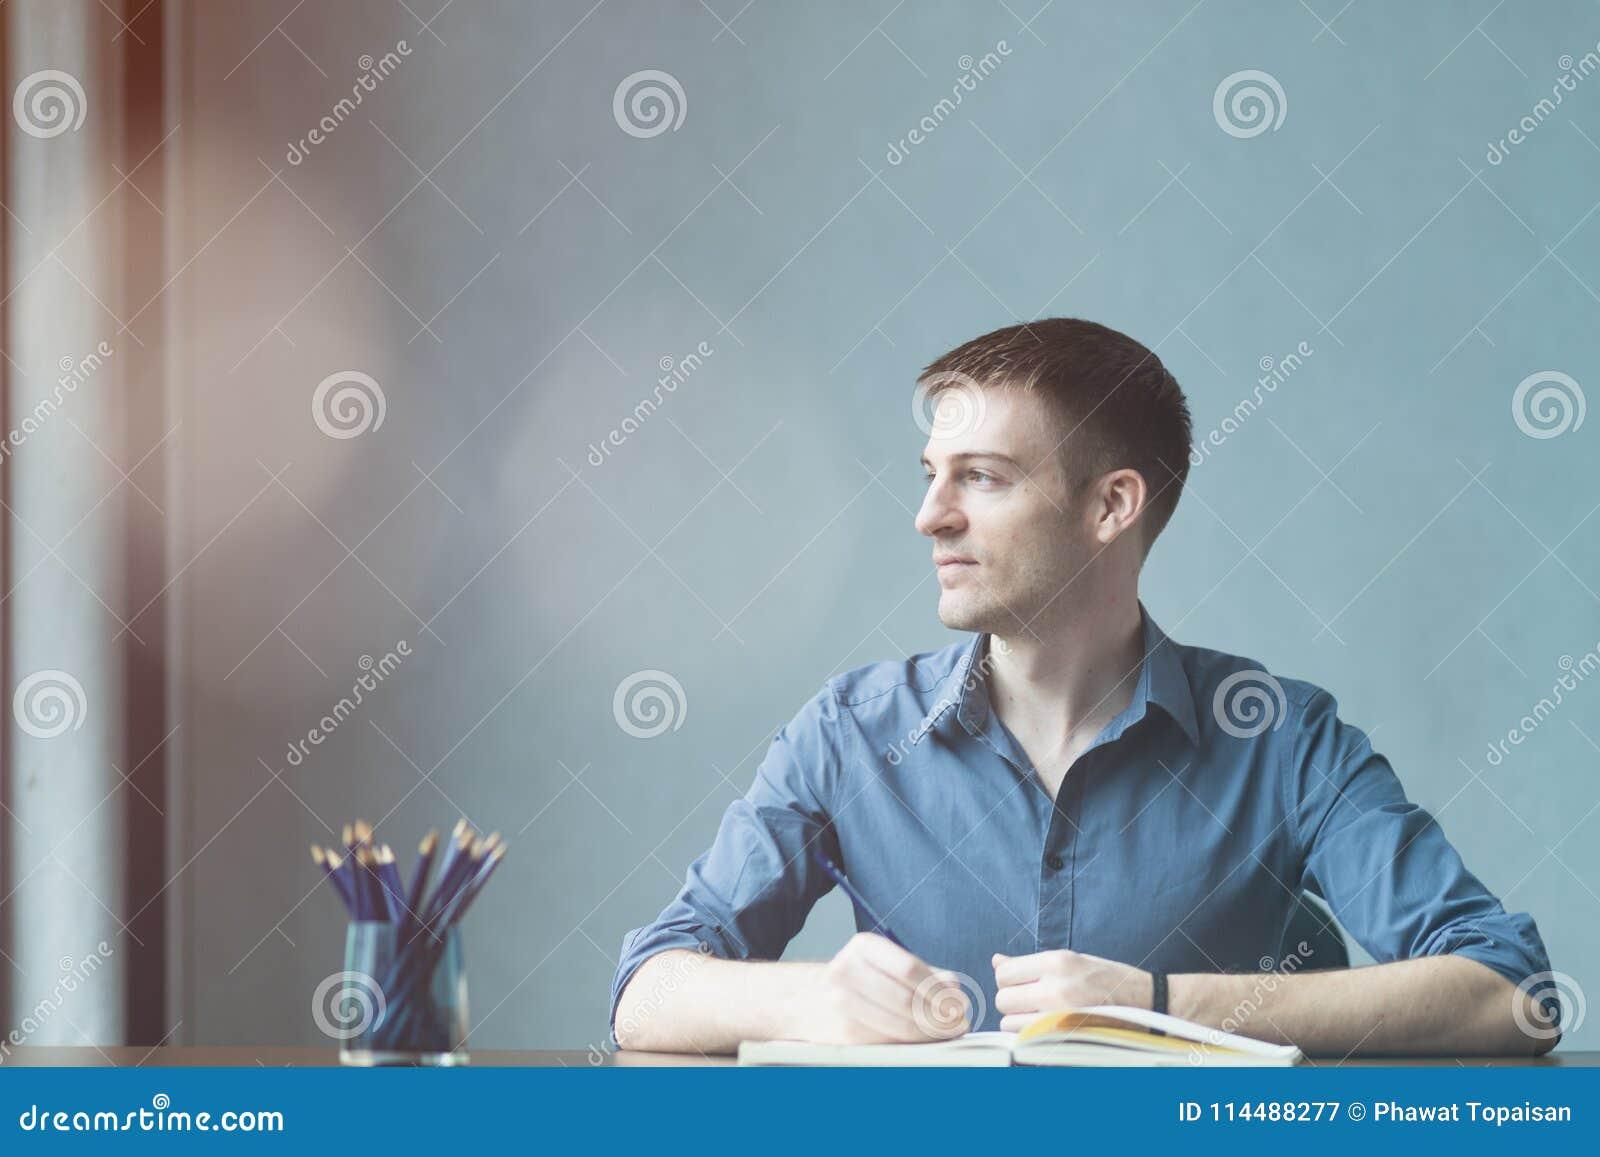 Οι νέοι Καυκάσιοι επιχειρηματιών που κάθονται στο γραφείο γραφείων παρουσιάζουν και που παίρνουν τις σημειώσεις στο σημειωματάριο